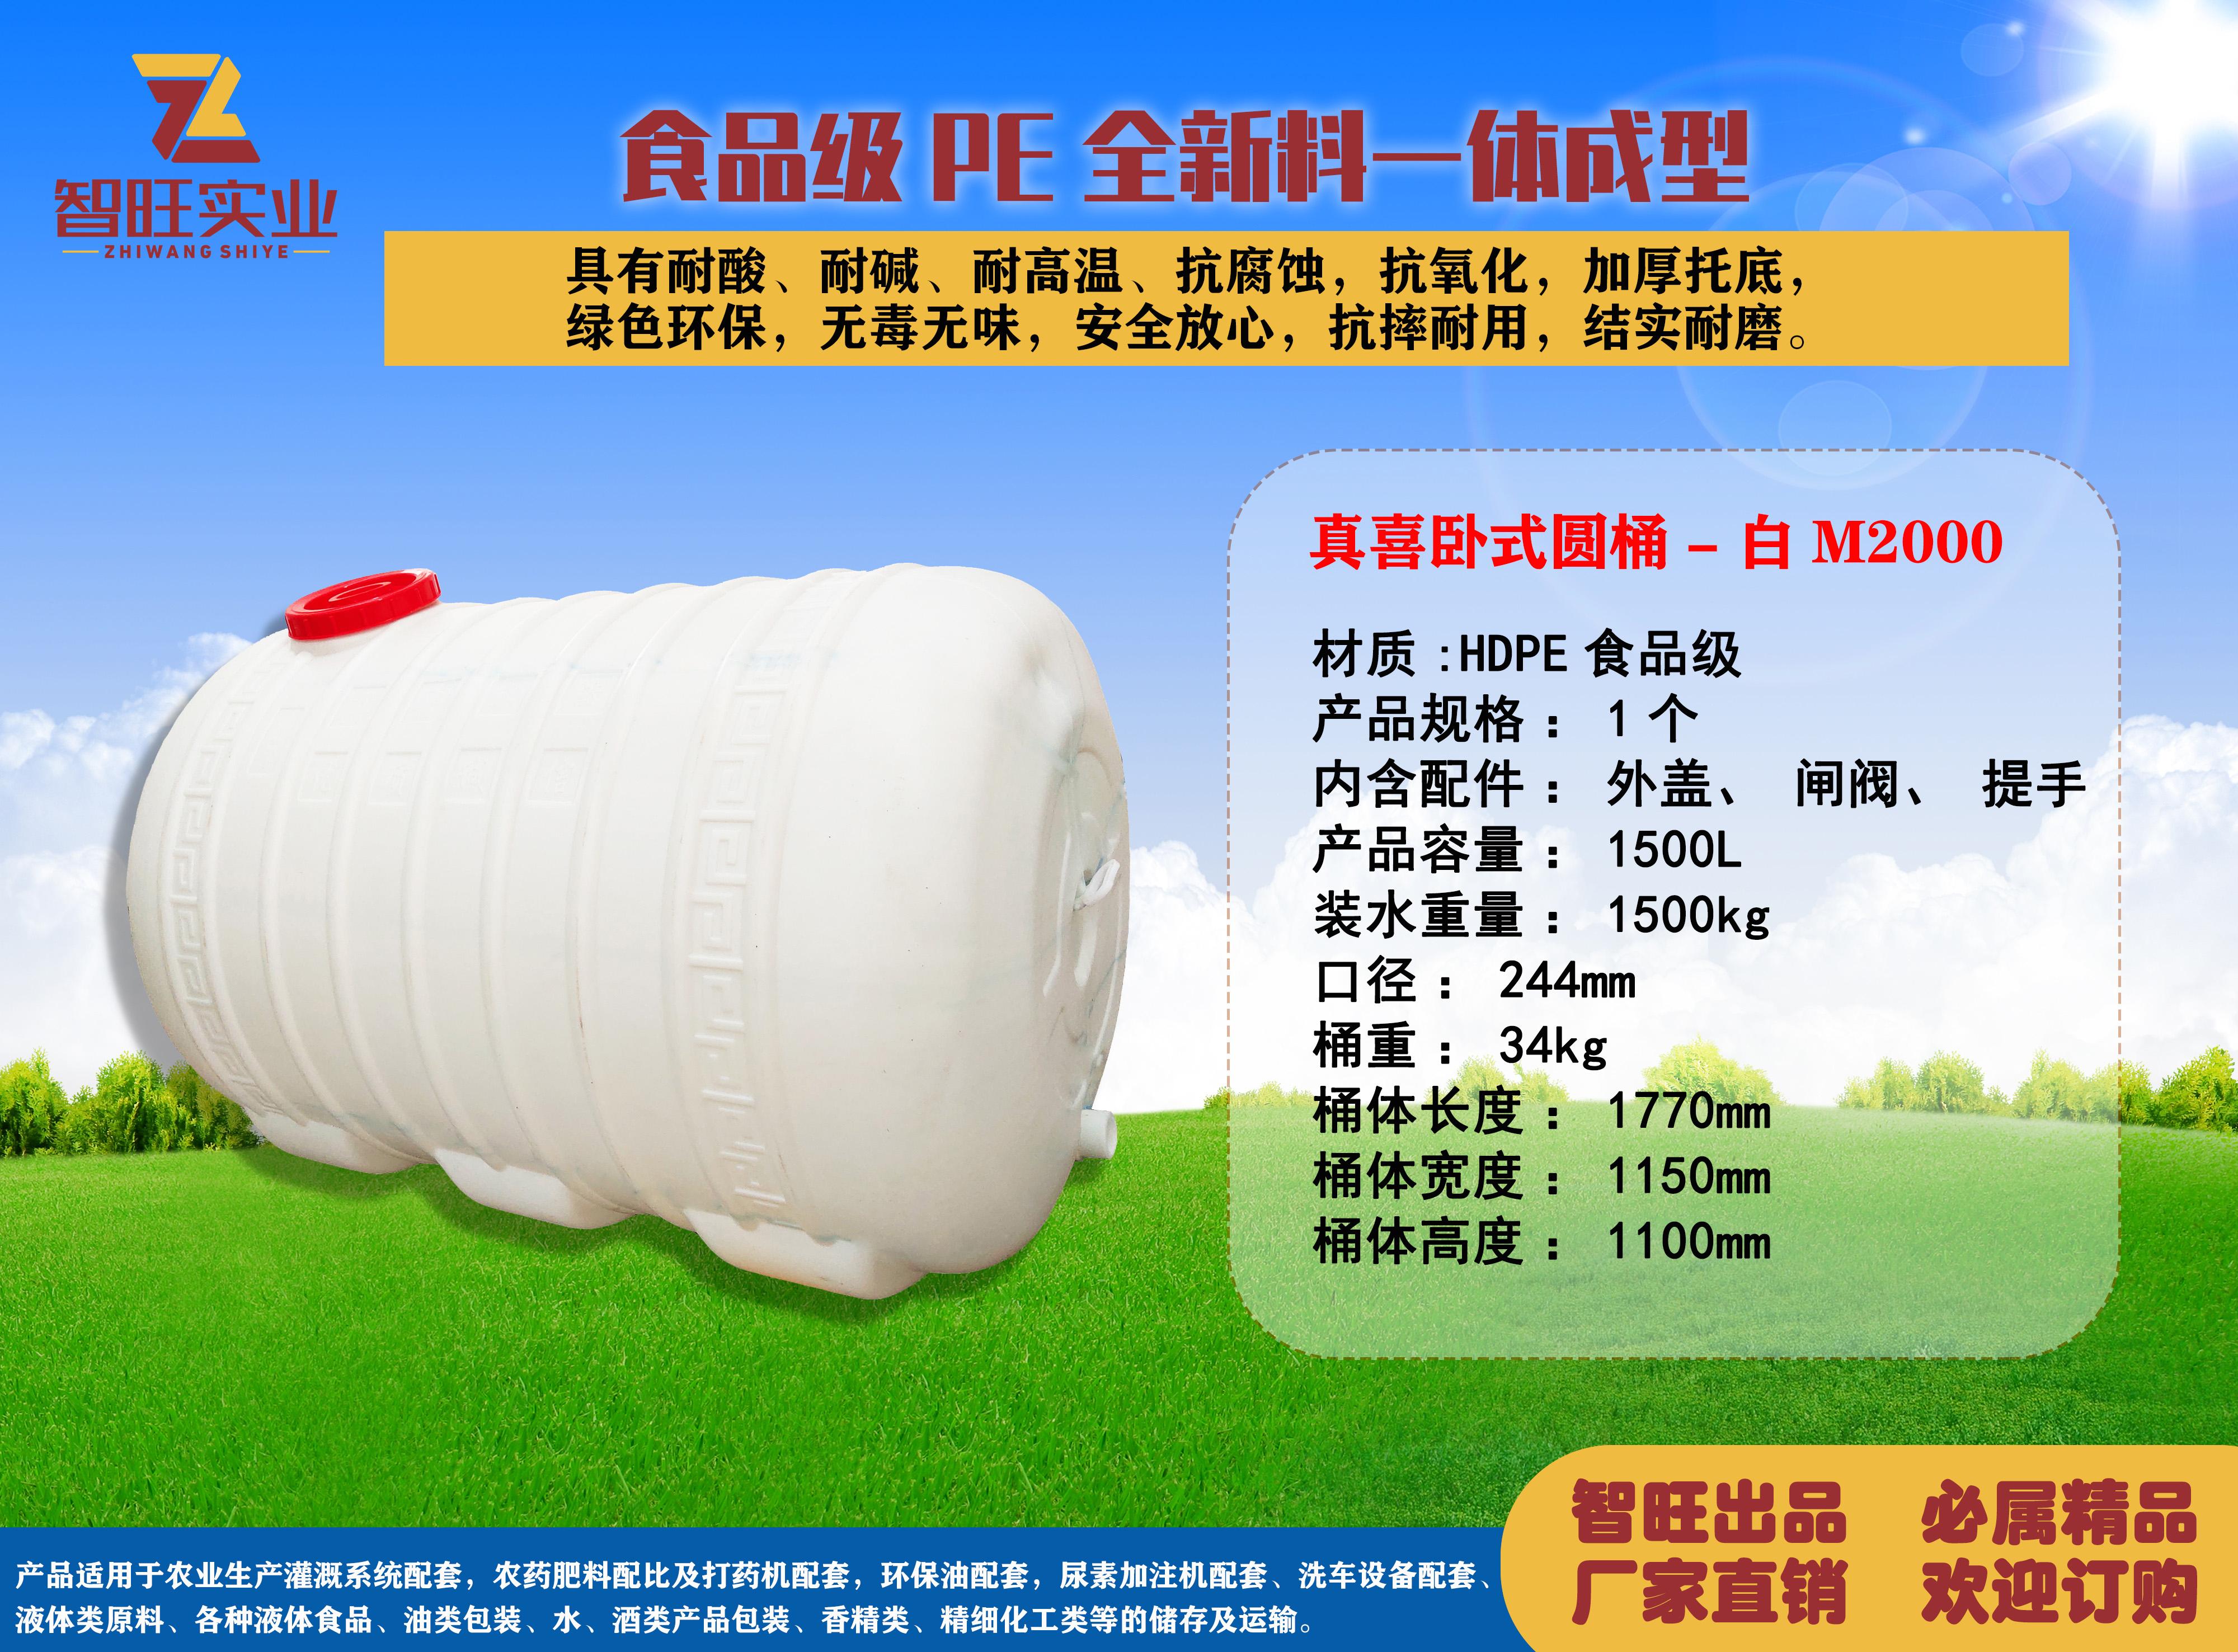 真喜臥式圓桶-白M2000